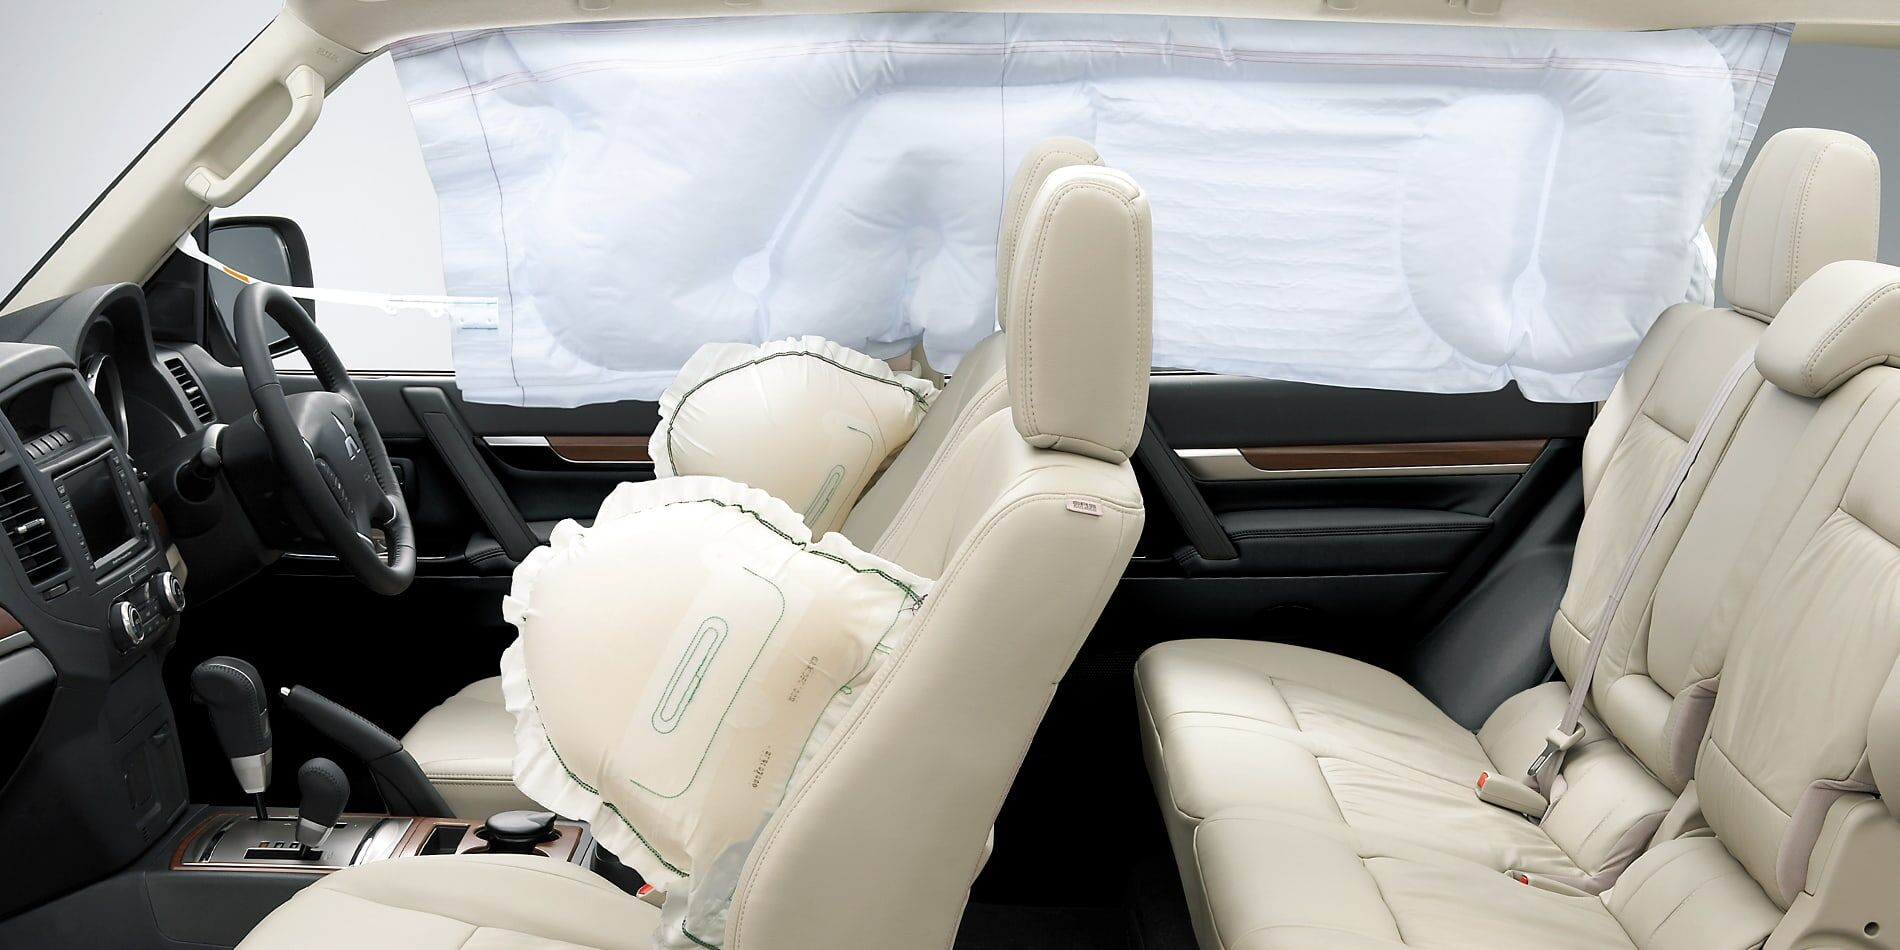 mitsubishi pajero airbag